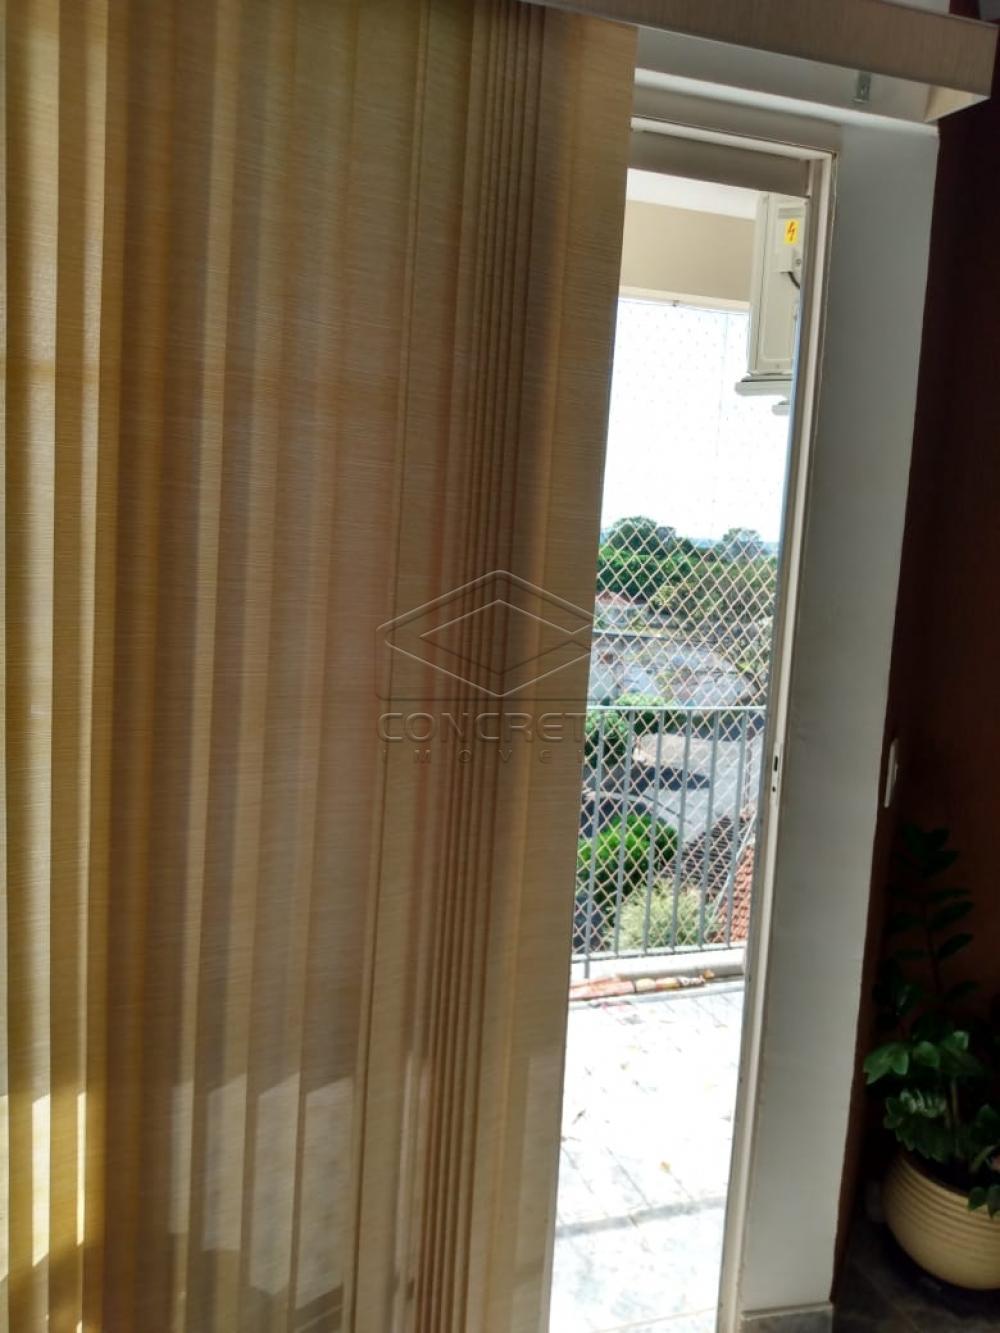 Comprar Apartamento / Padrão em Bauru R$ 220.000,00 - Foto 9